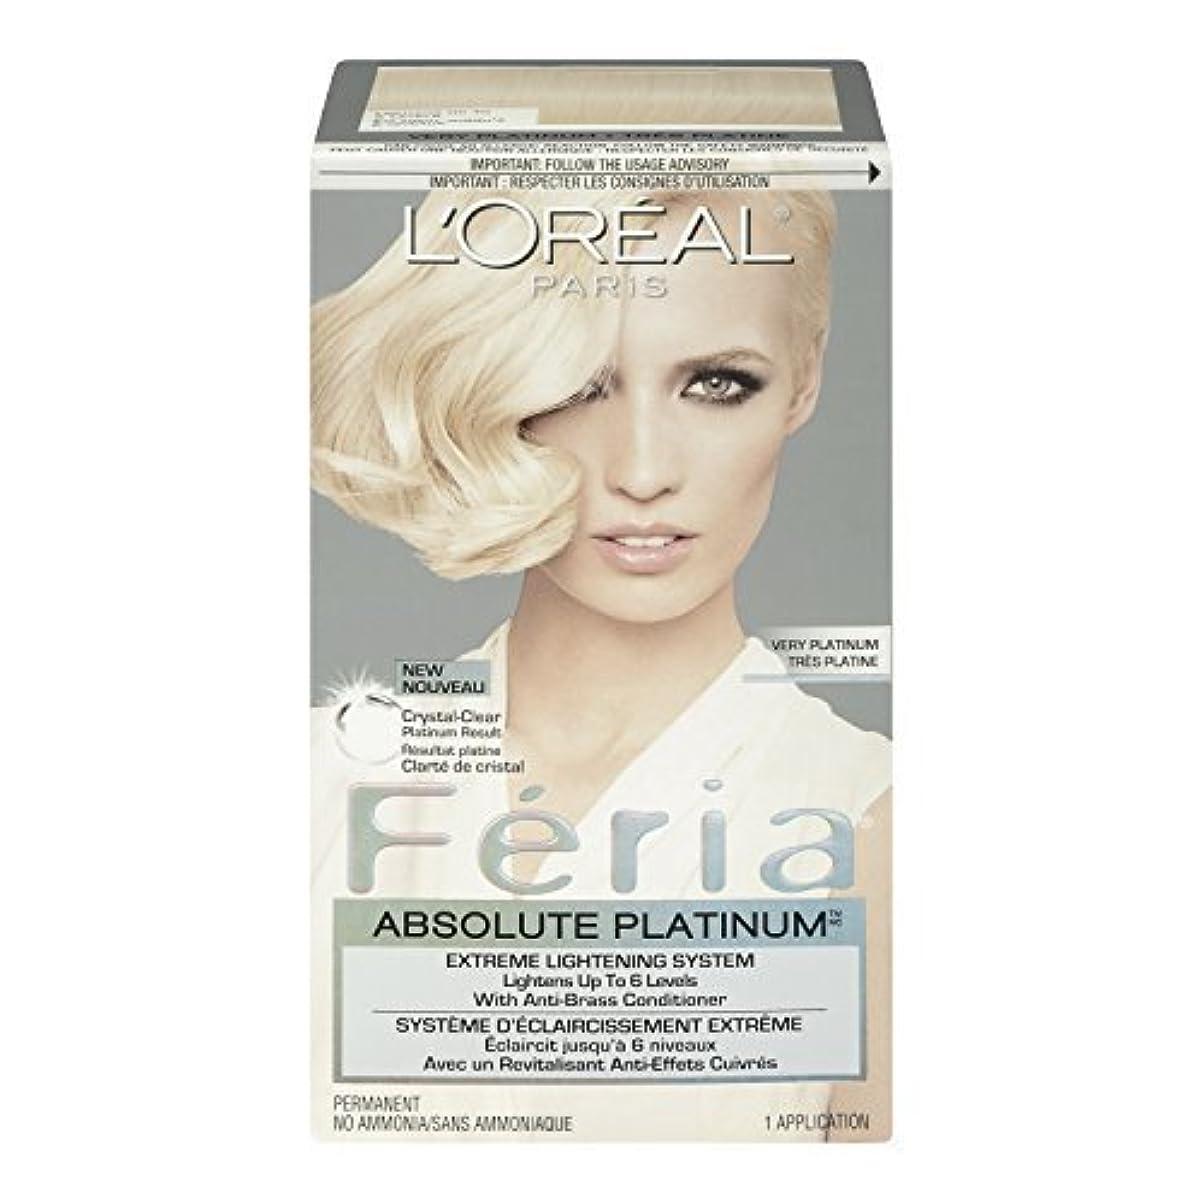 補正ダイアクリティカル勇者L'Oreal Feria Absolute Platinums Hair Color, Very Platinum by L'Oreal Paris Hair Color [並行輸入品]